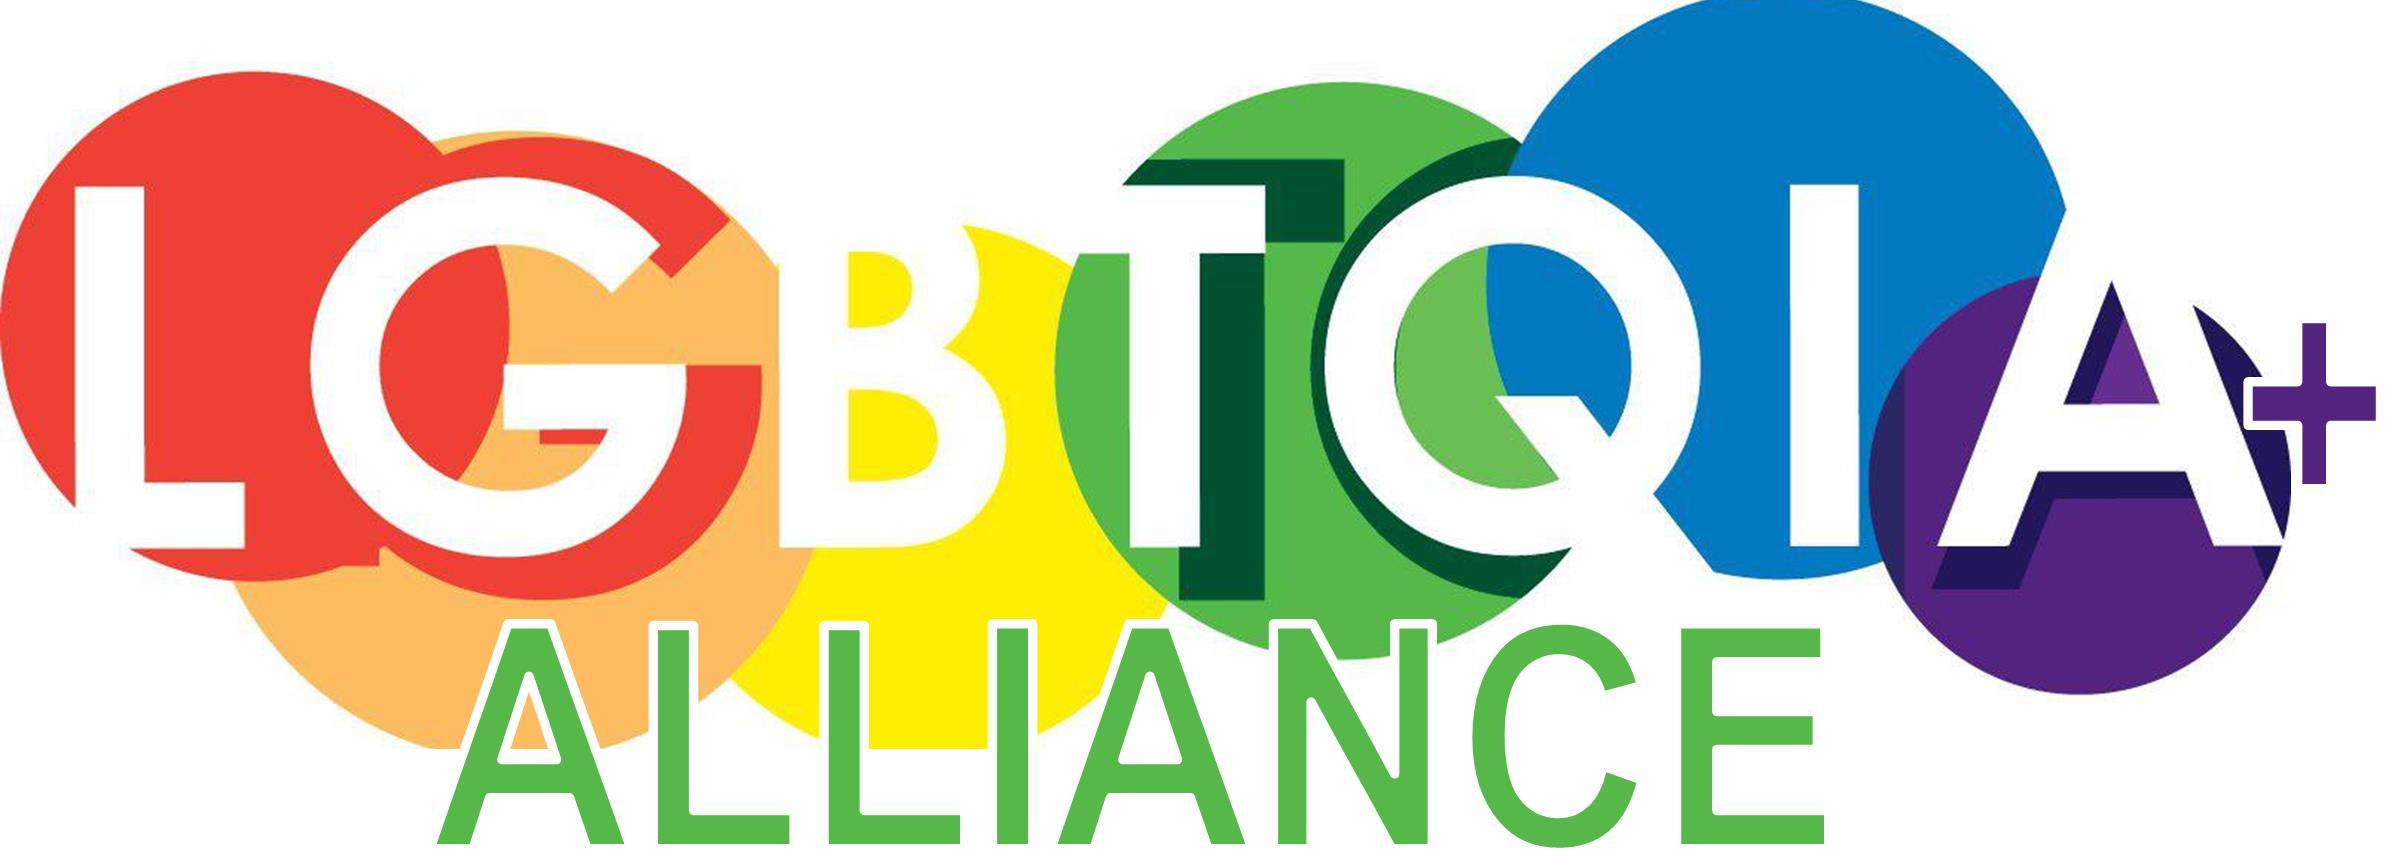 LGBTQIA+ Alliance